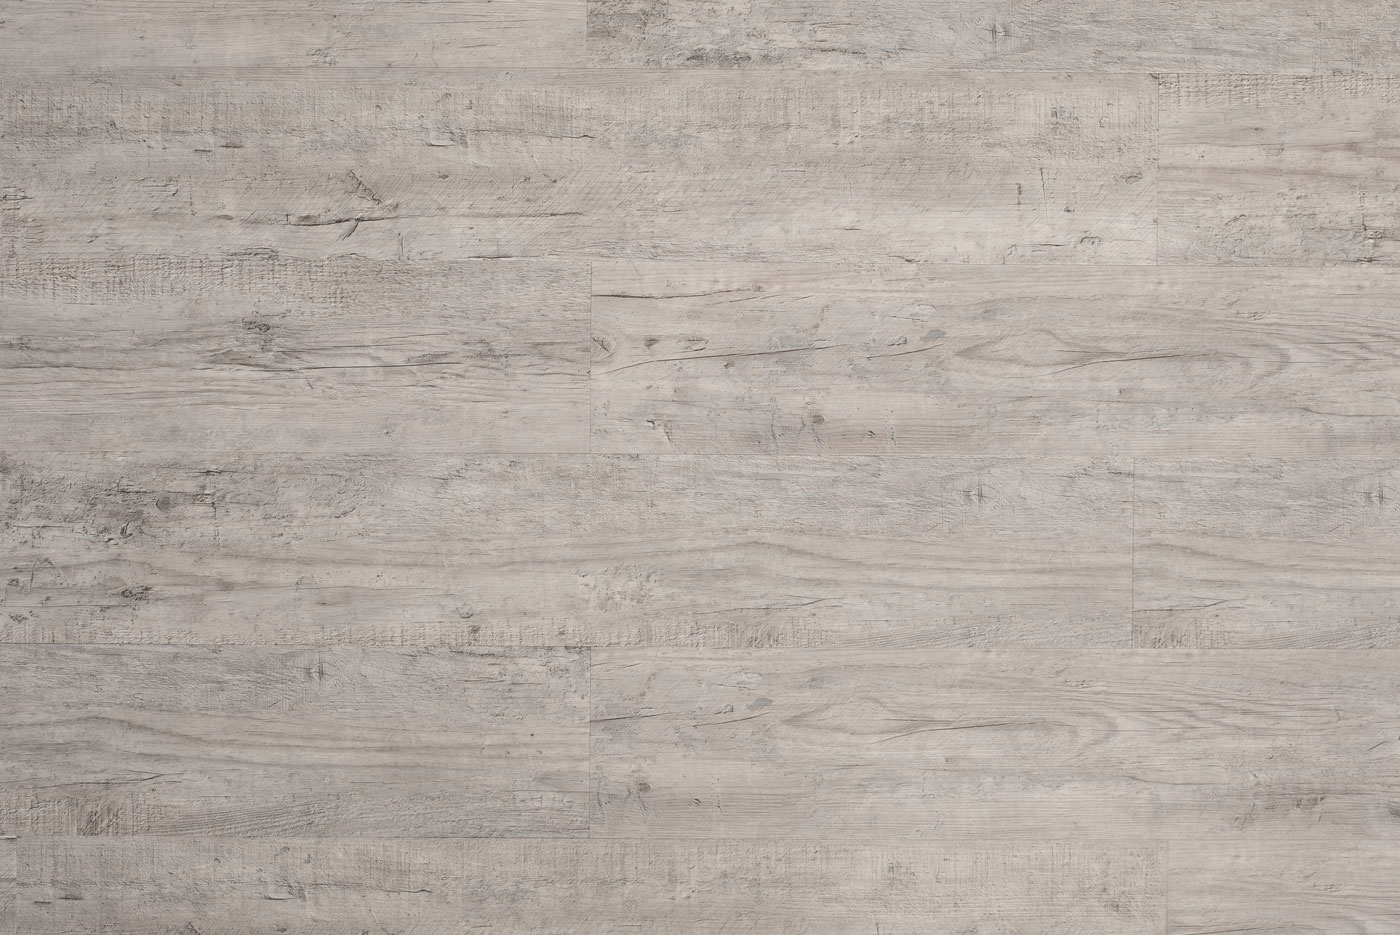 Vloer Vinyl Kopen : Floer dorpen pvc veghel verouderd eiken vloer vinyl grijs kopen